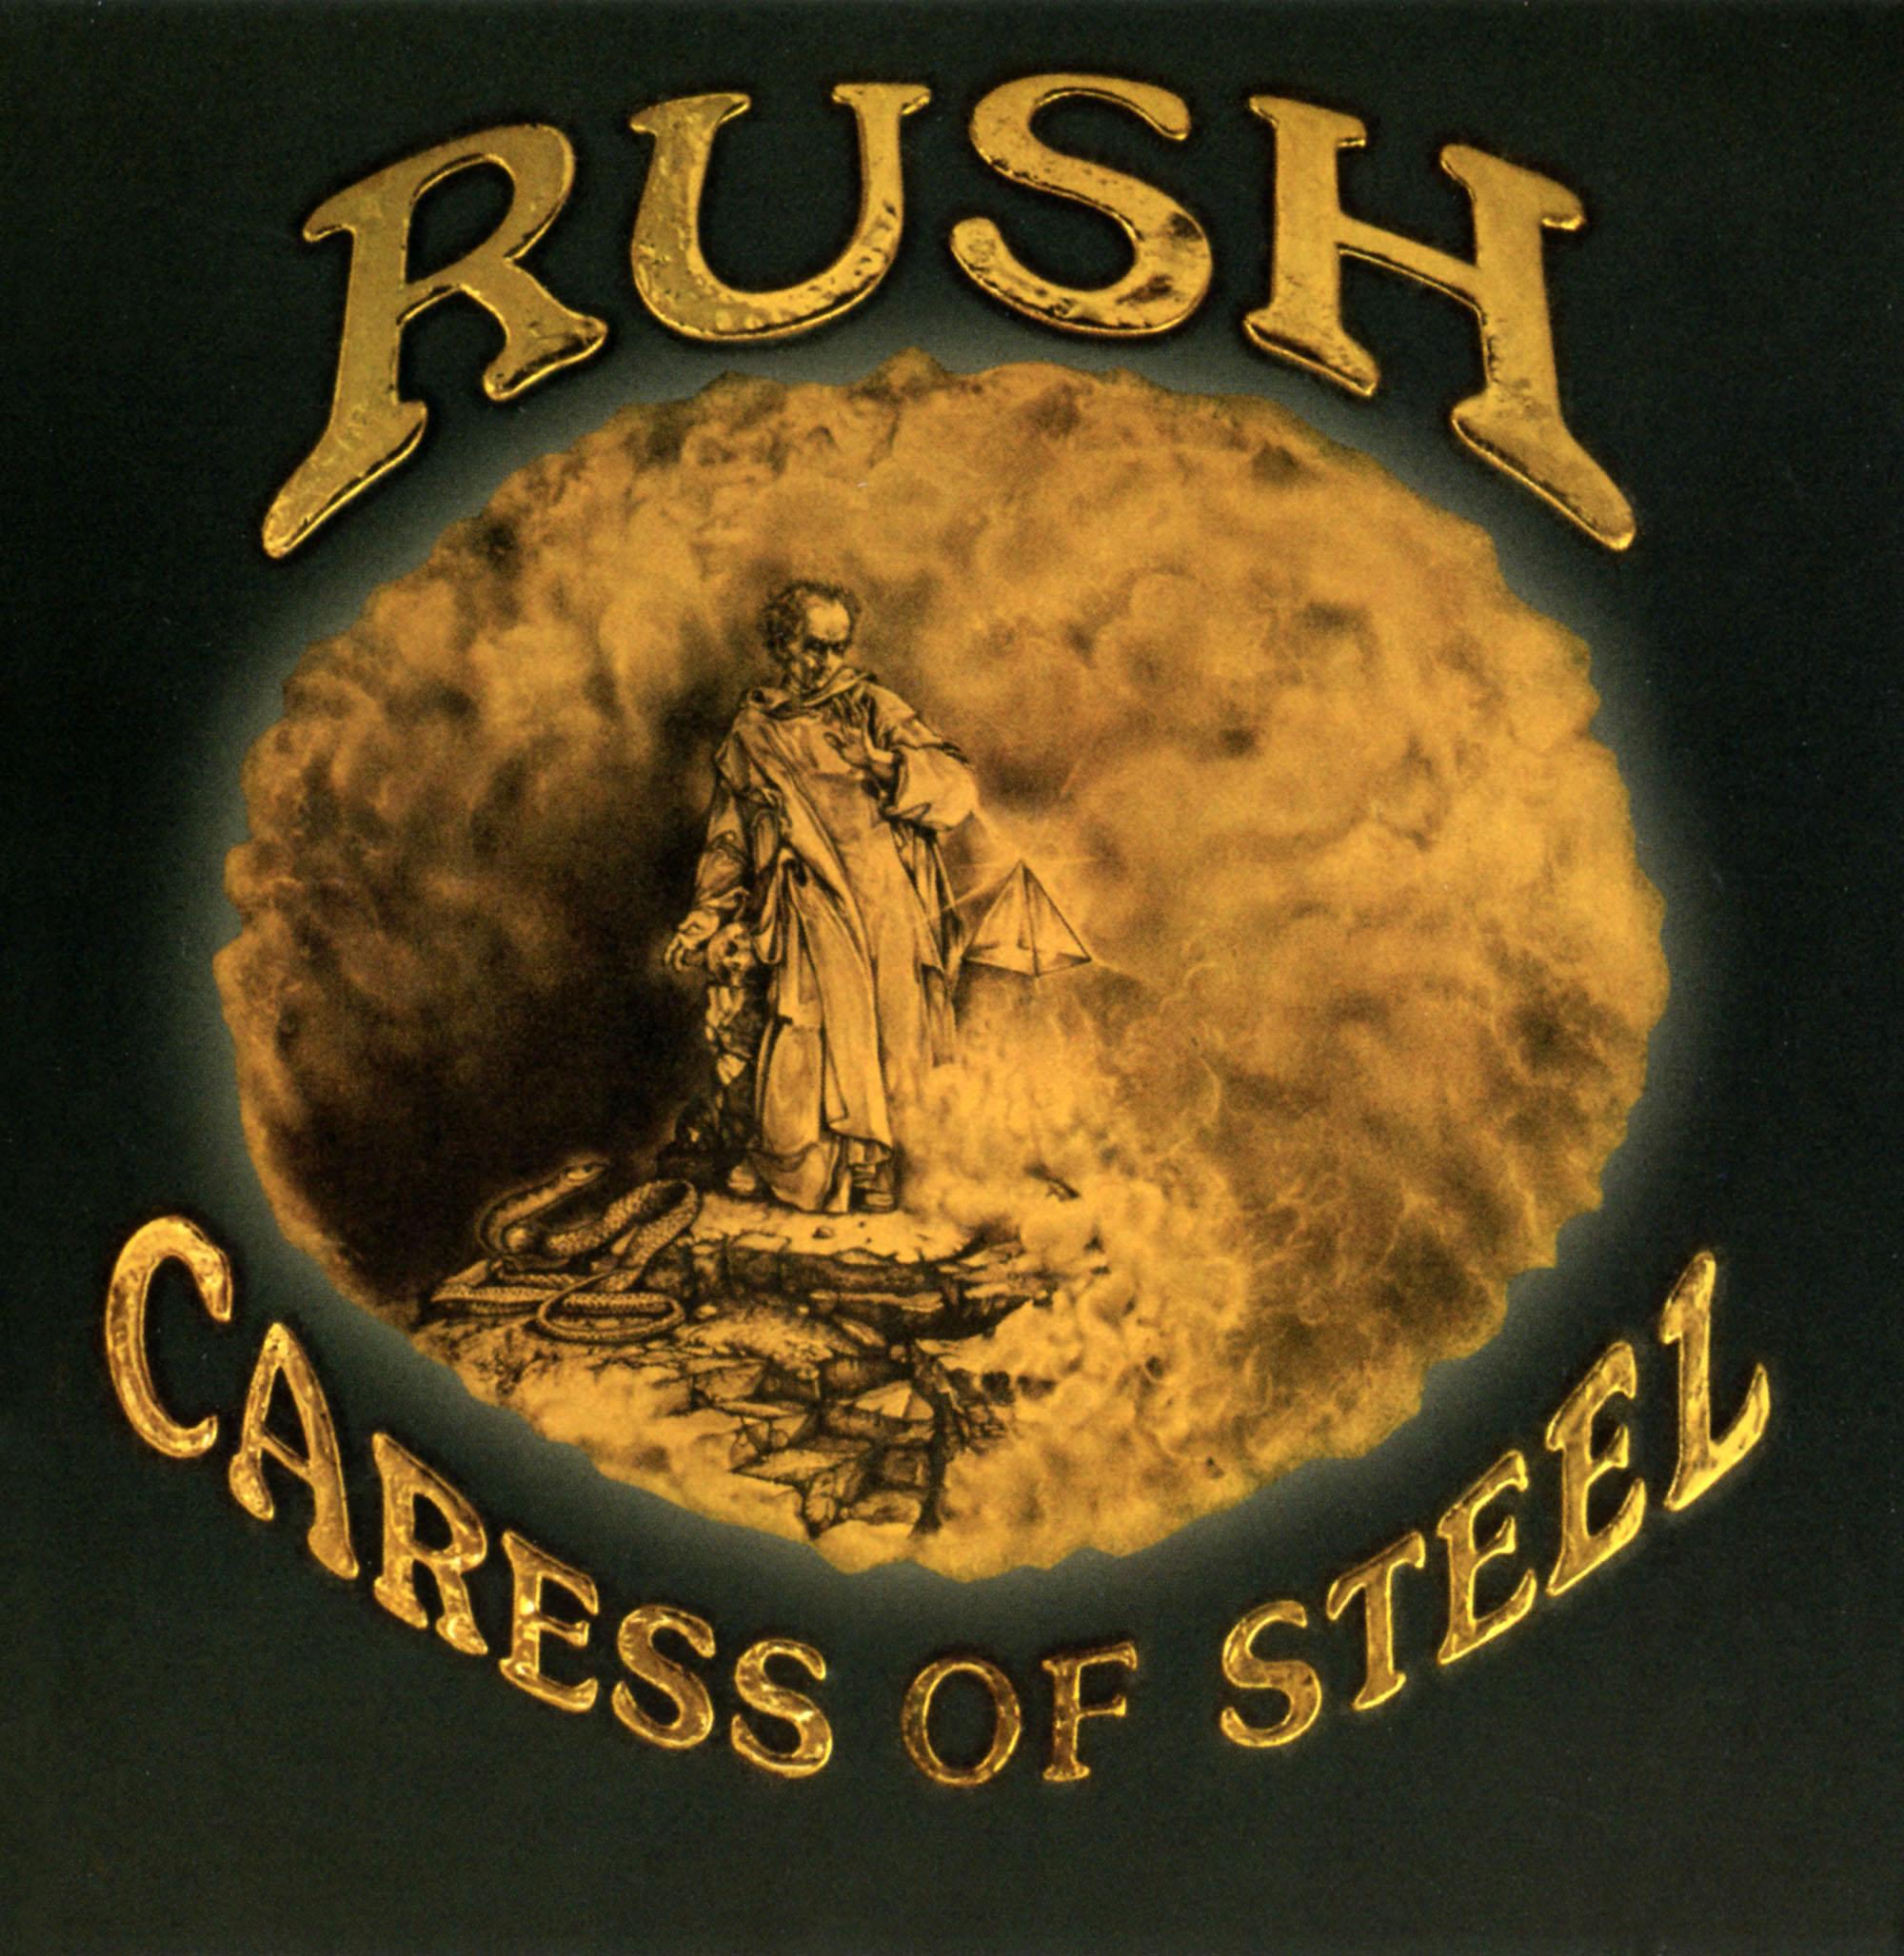 Rush caress of steel album artwork - Rush album art ...